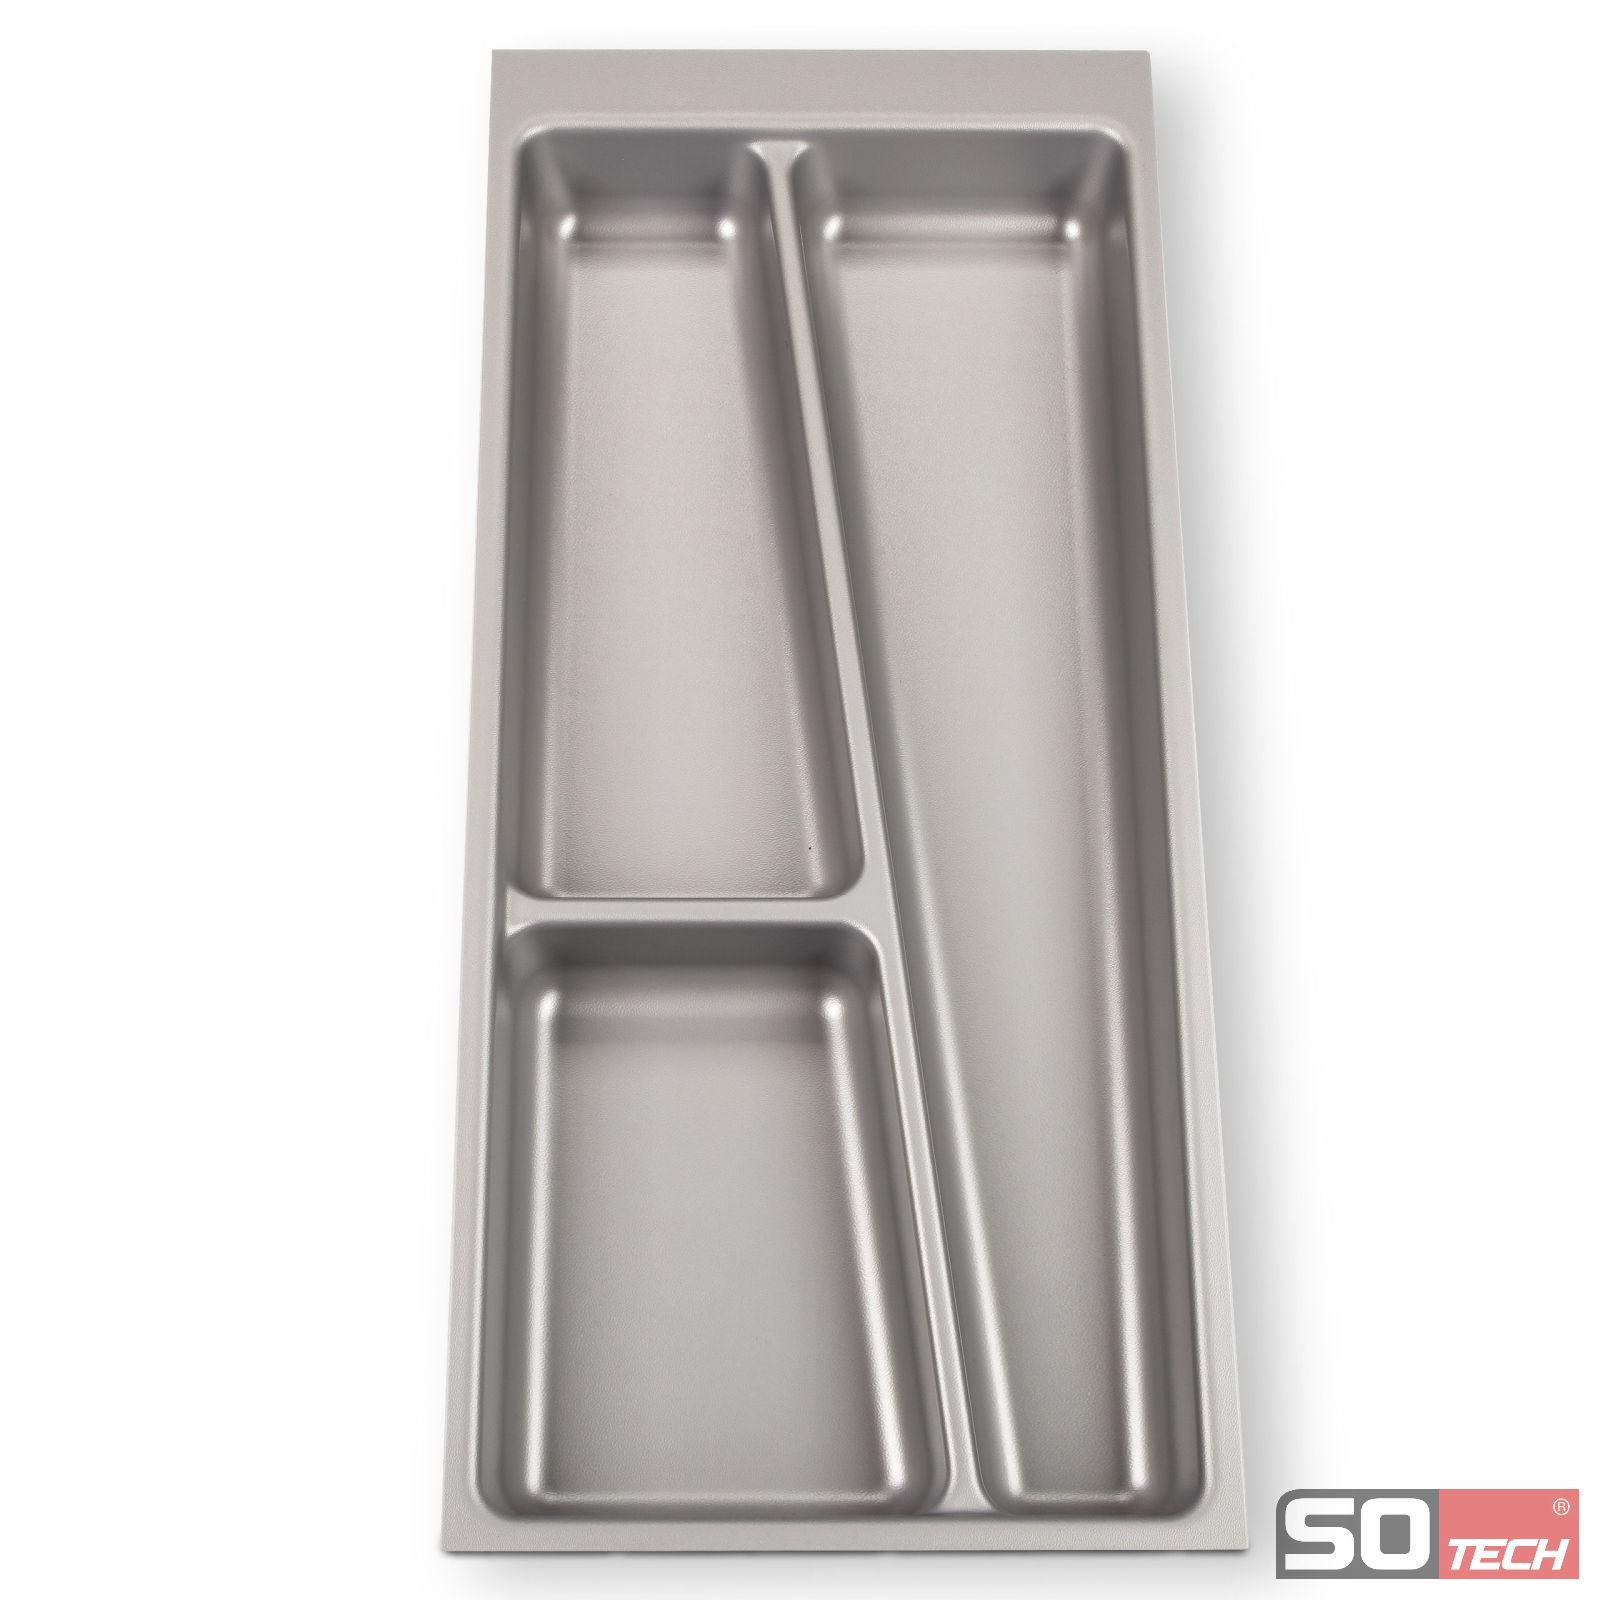 Besteckeinsatz orga boxr fur 30cm schublade besteckkasten for Besteckfach schublade